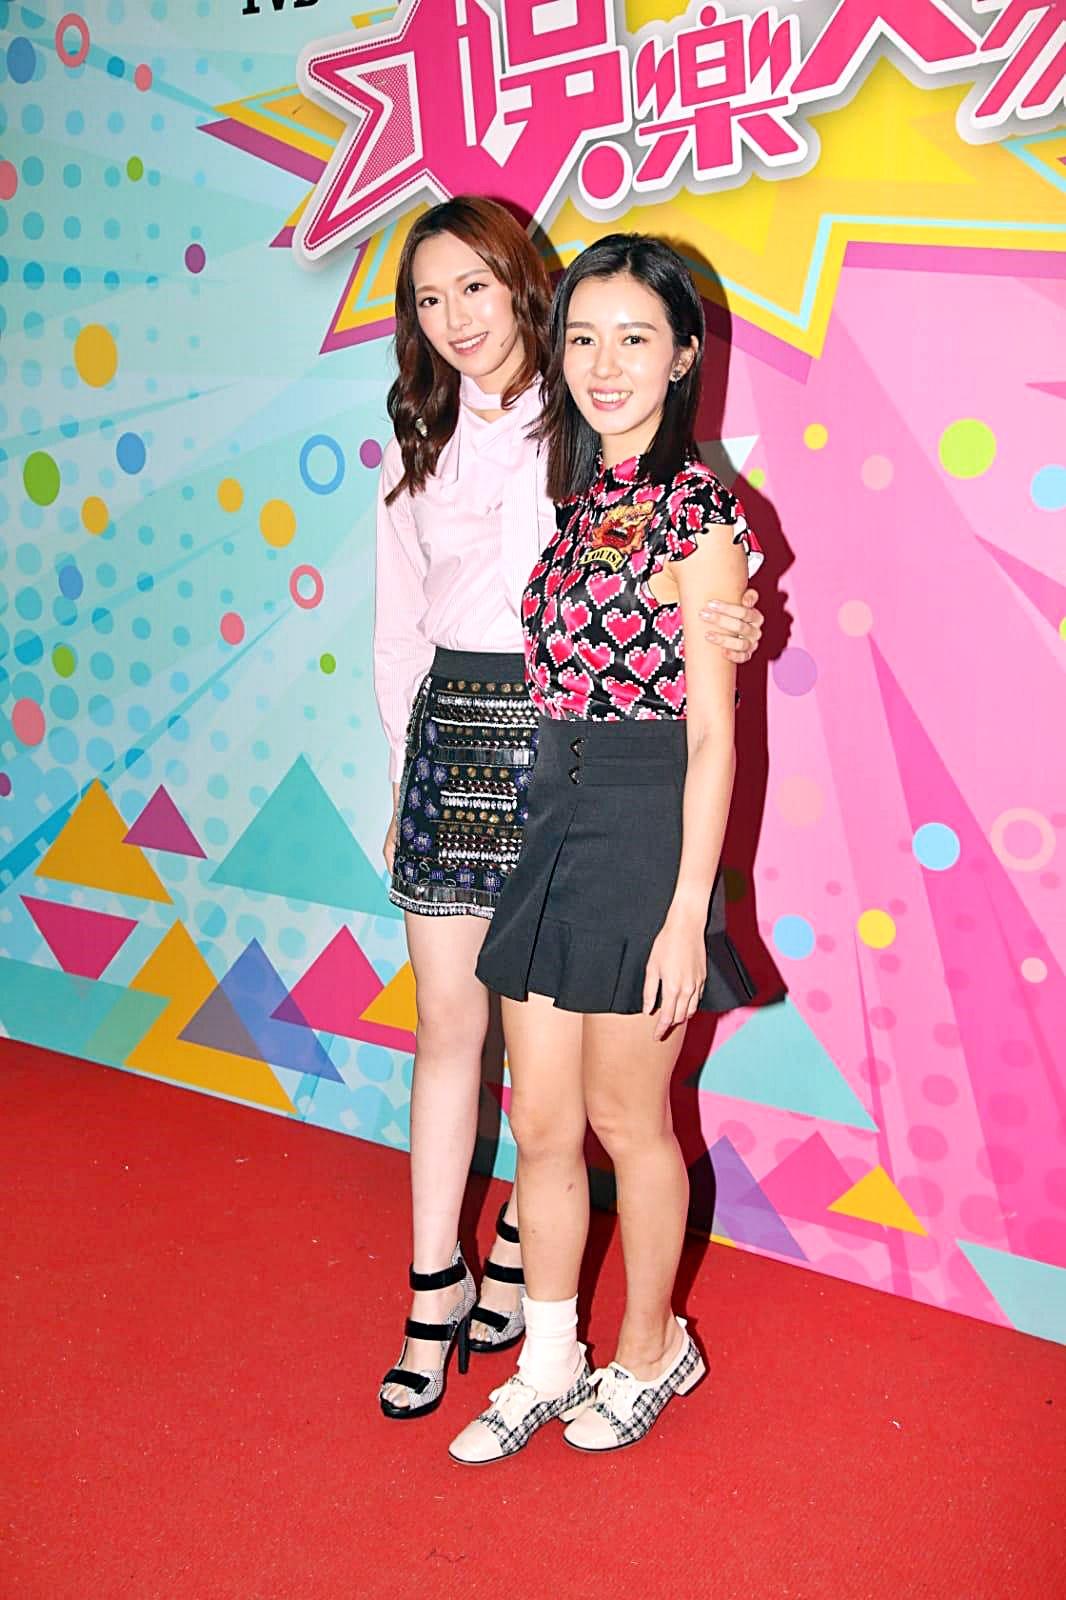 馮盈盈及麥明詩出席節目錄影。